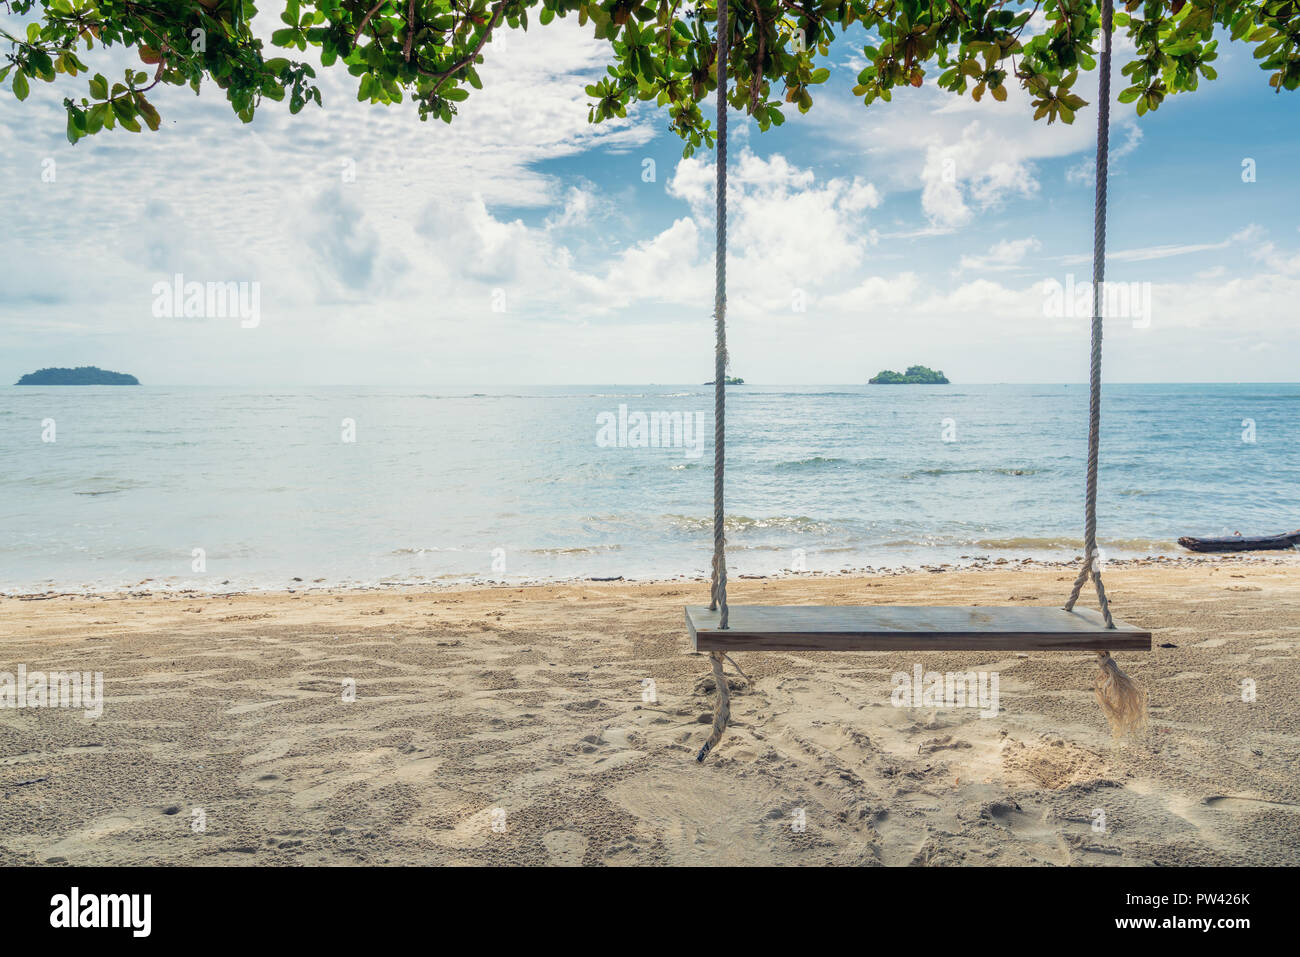 Balançoire en bois accroché sur la plage près de l'arbre à l'île de Phuket, Thaïlande. Vacances d'été Vacances et concept. Banque D'Images